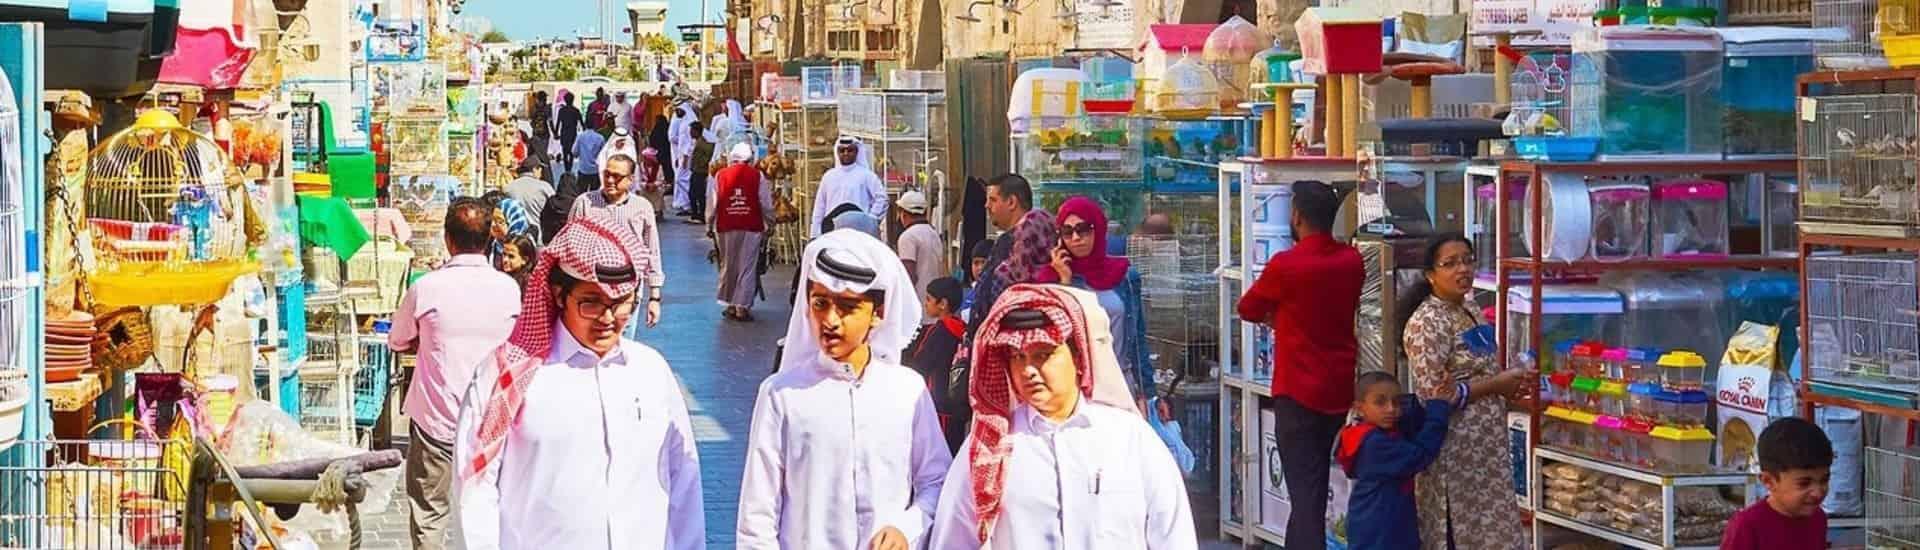 Excursión a Souq Waqif en Doha